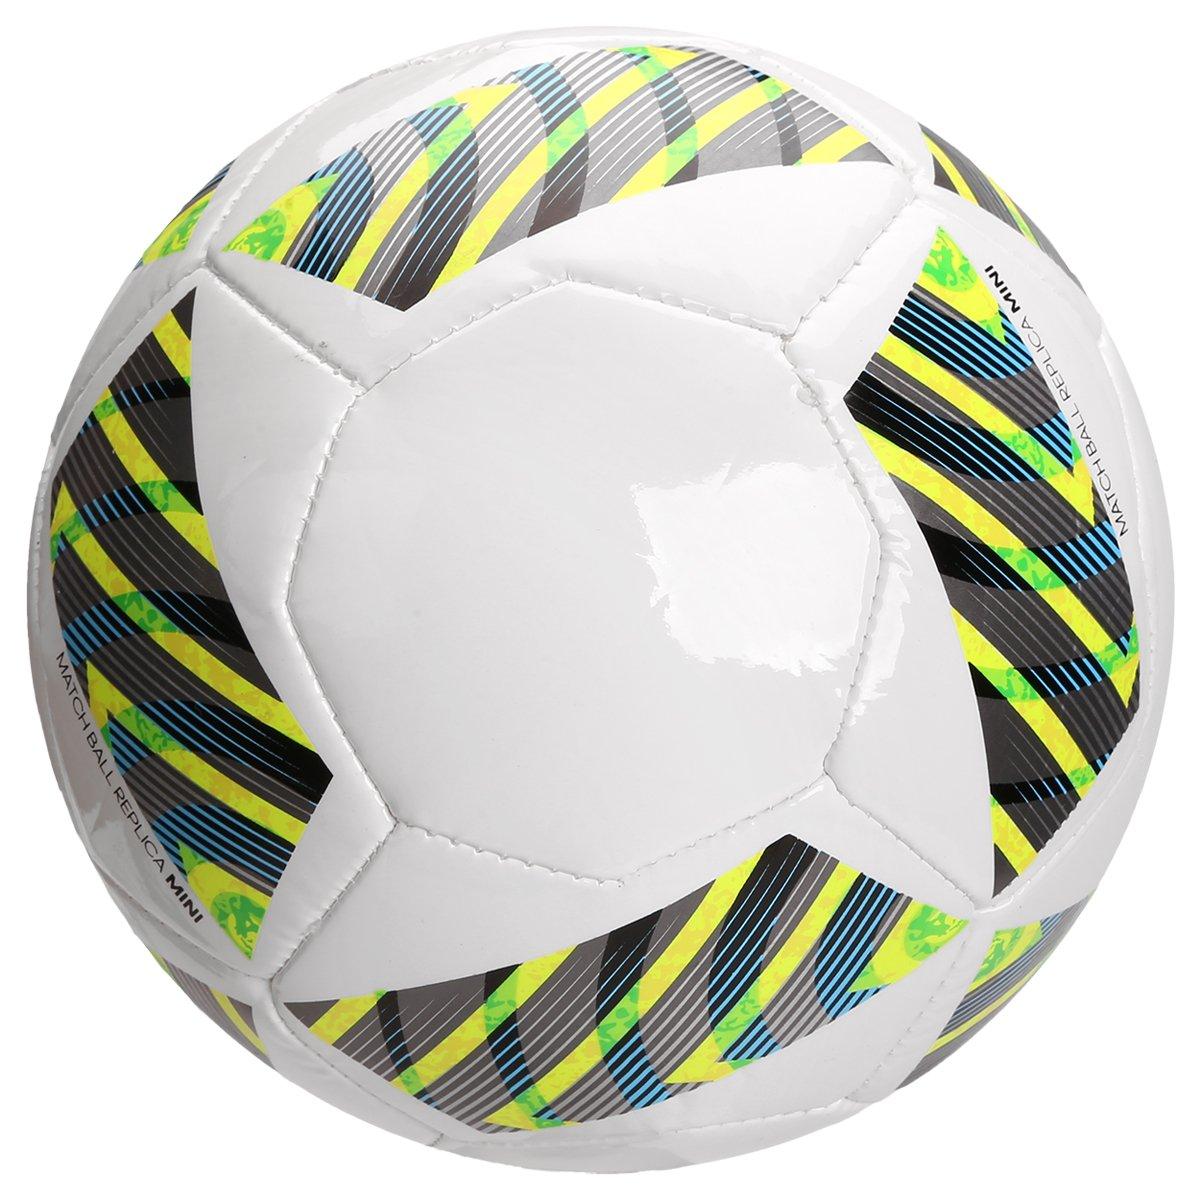 bbc092afdd Minibola Futebol Adidas Errejota Fifa  Minibola Futebol Adidas Errejota Fifa  ...